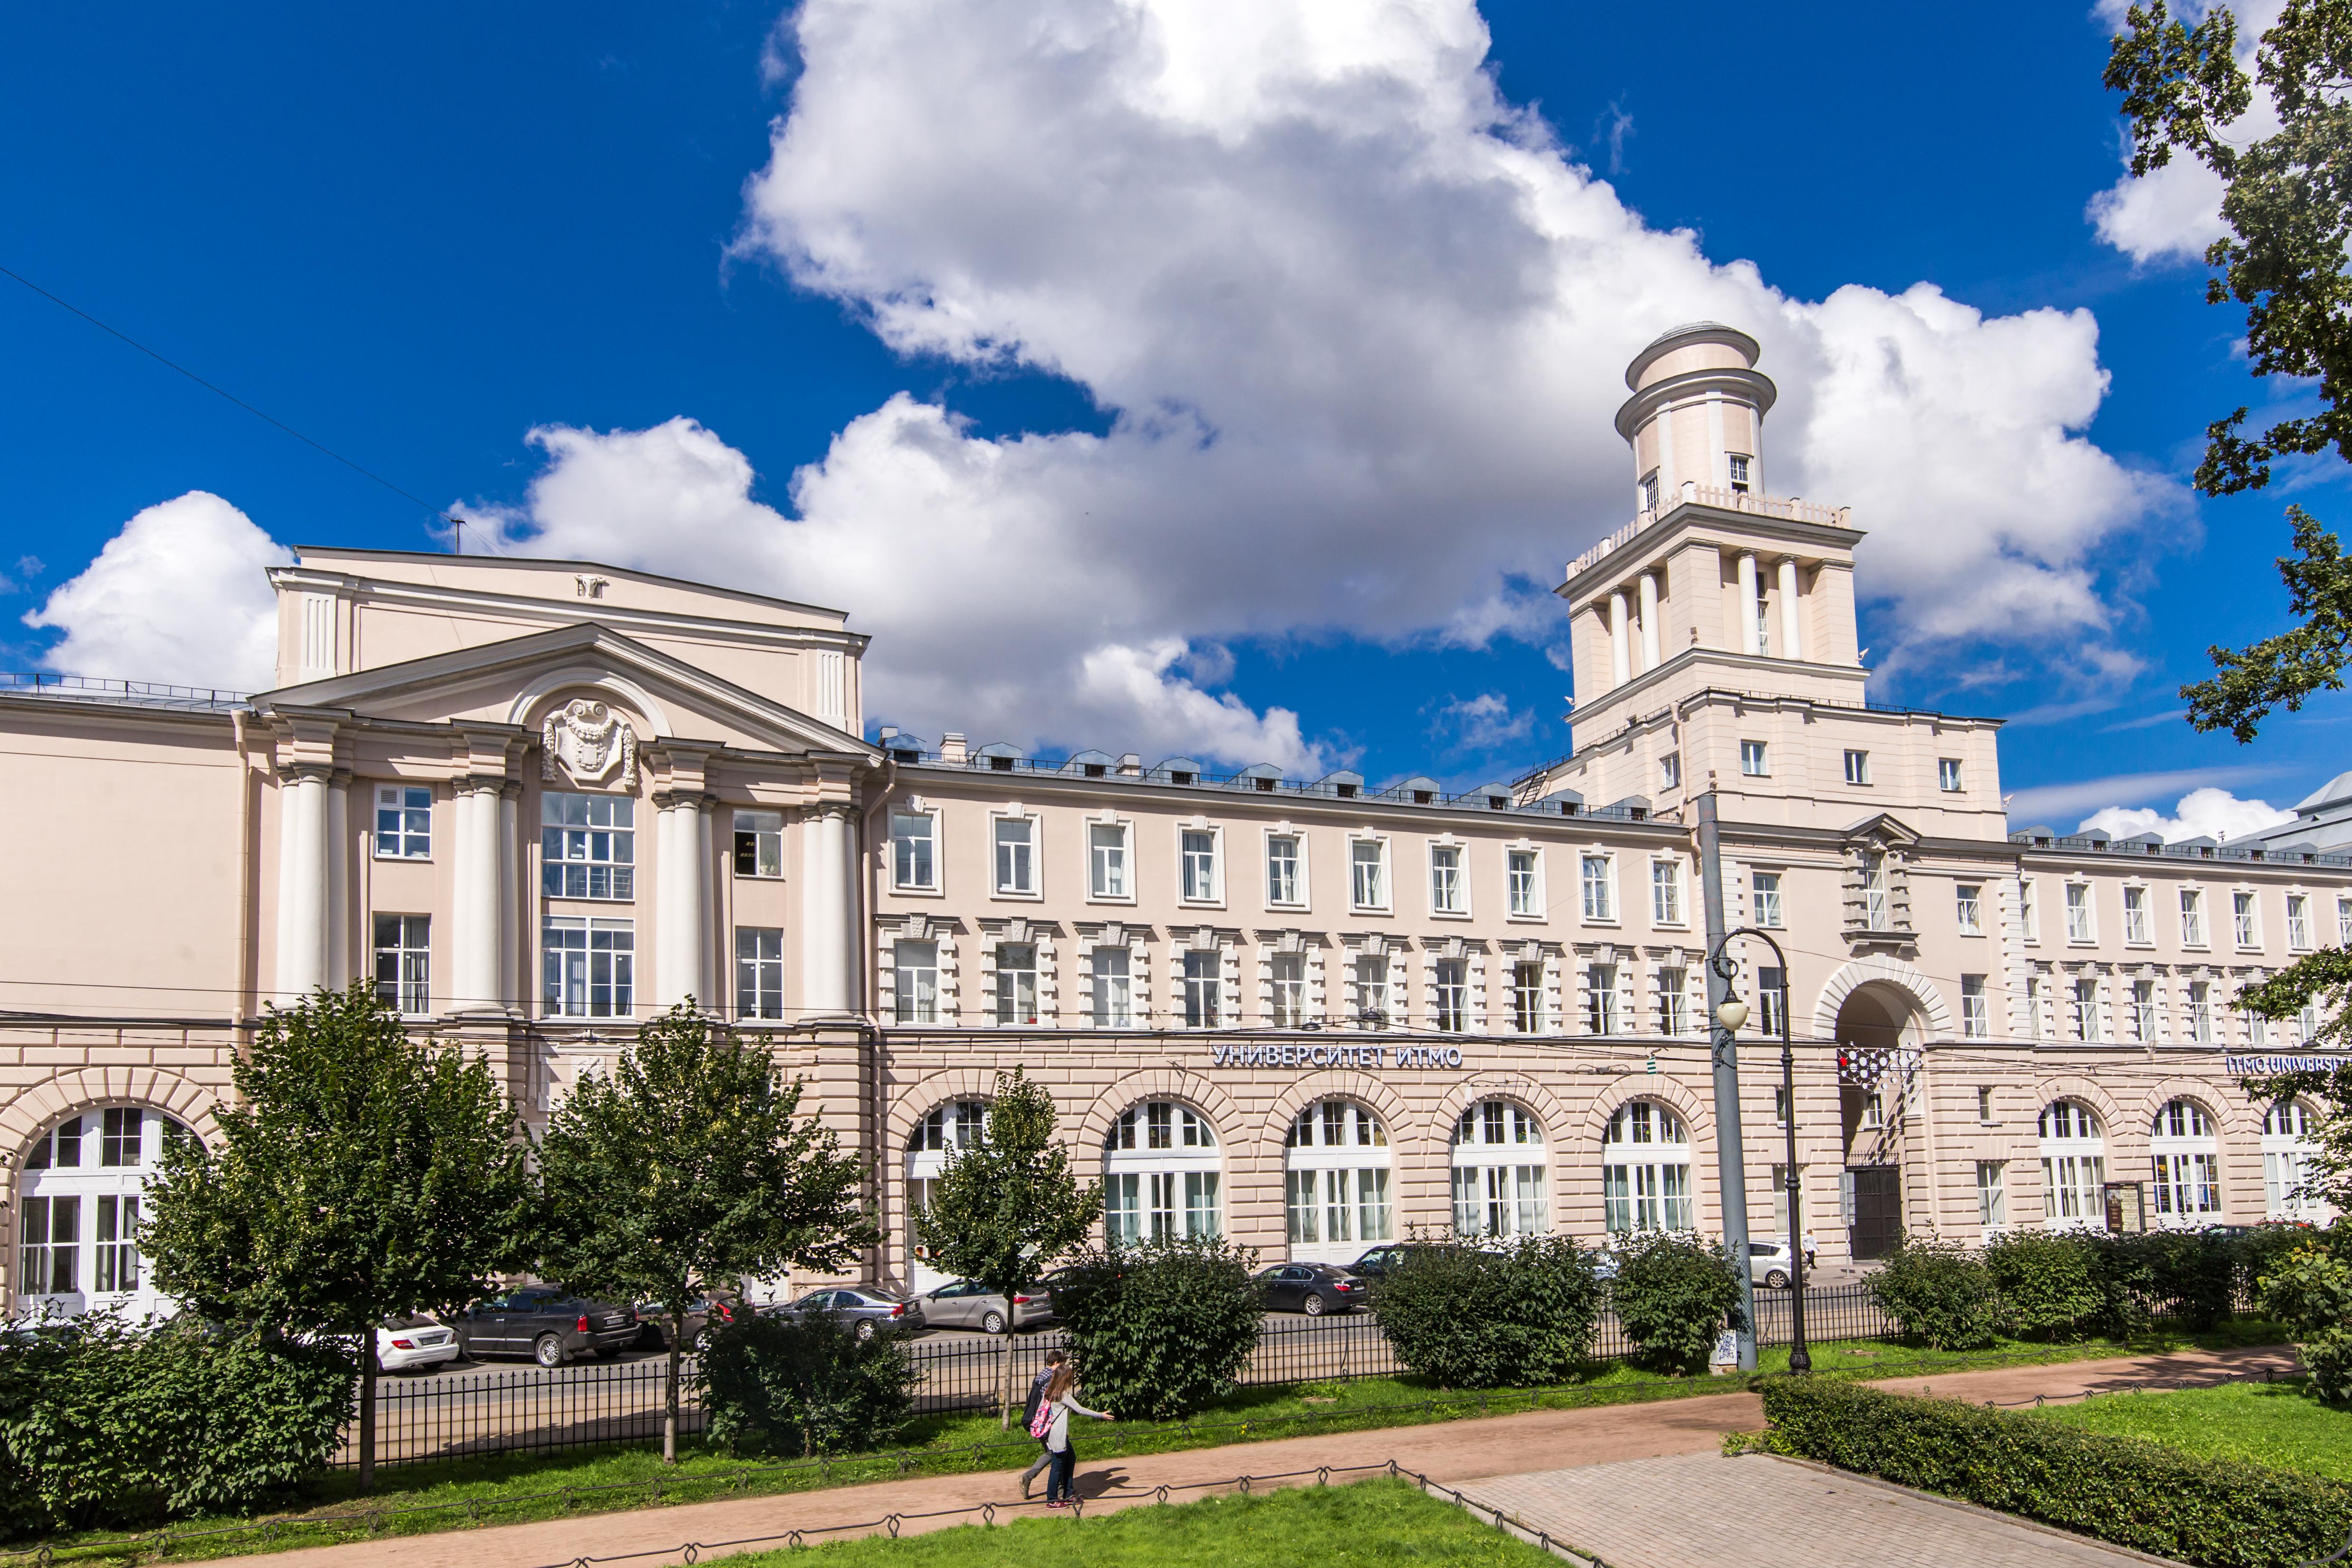 L'Università nazionale di Informatica, Meccanica e Ottica di San Pietroburgo.